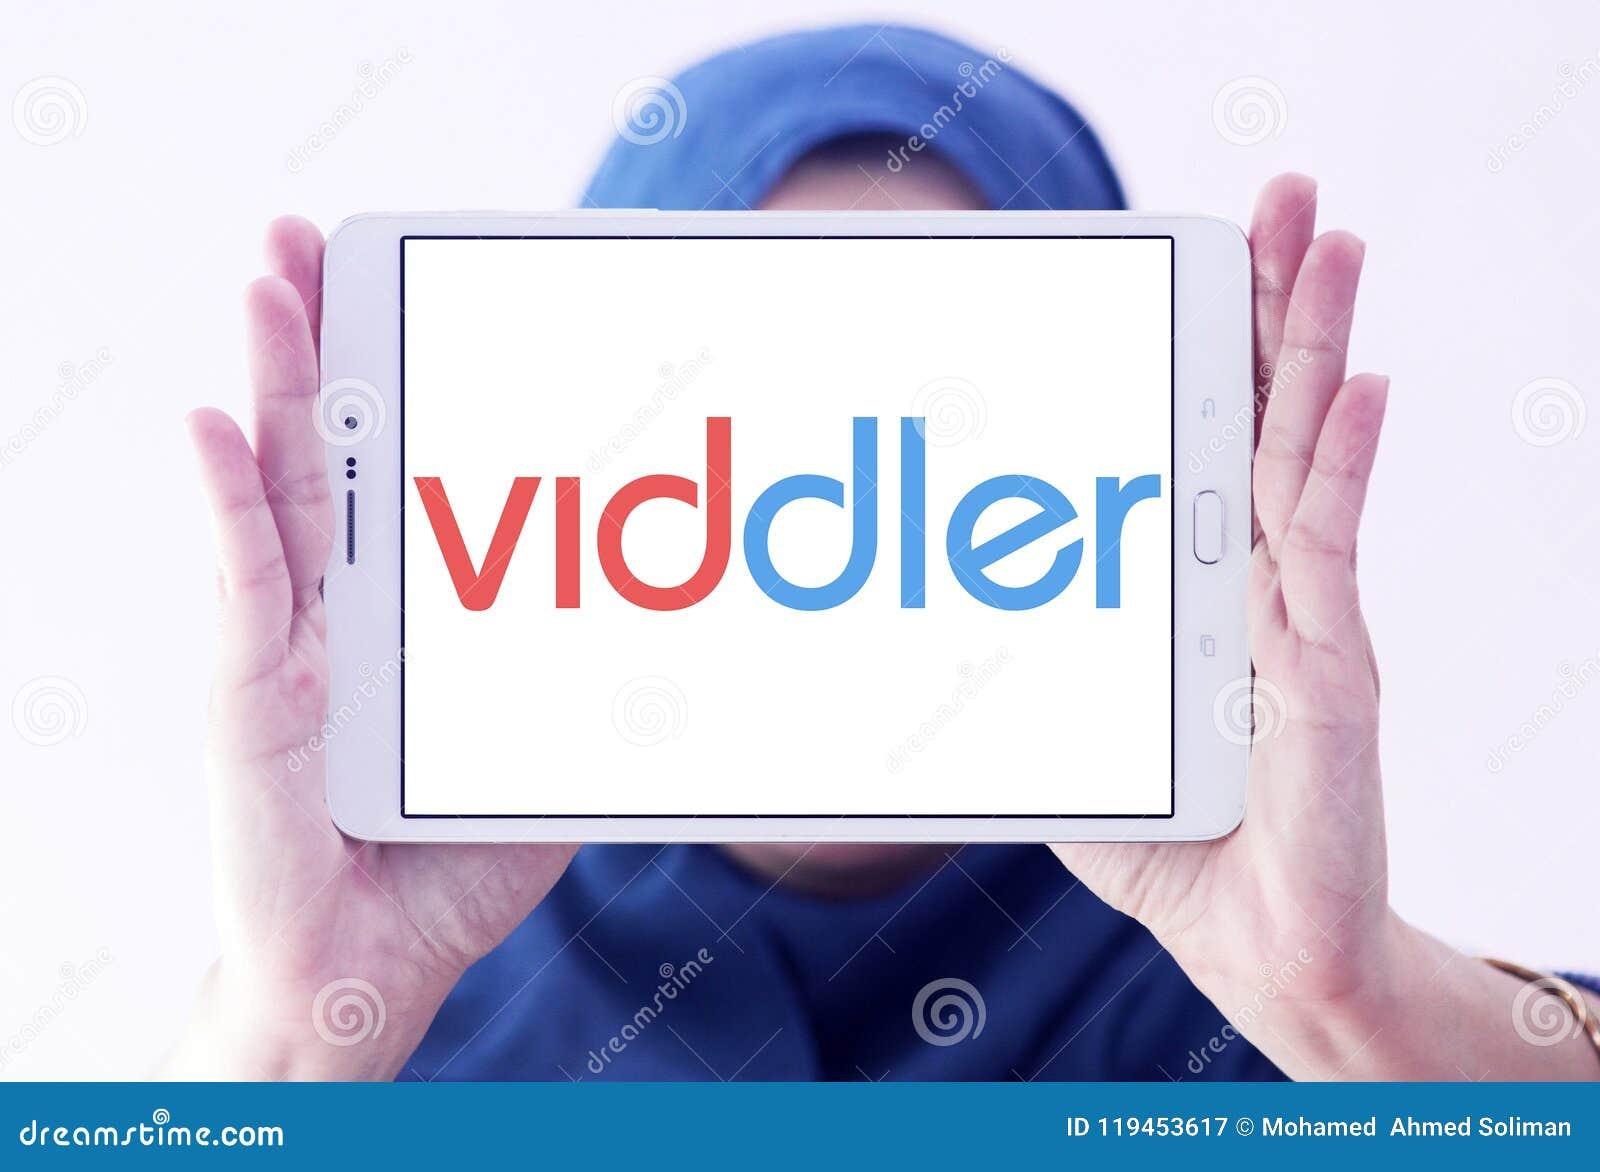 Logotipo video em linha do serviço de Viddler